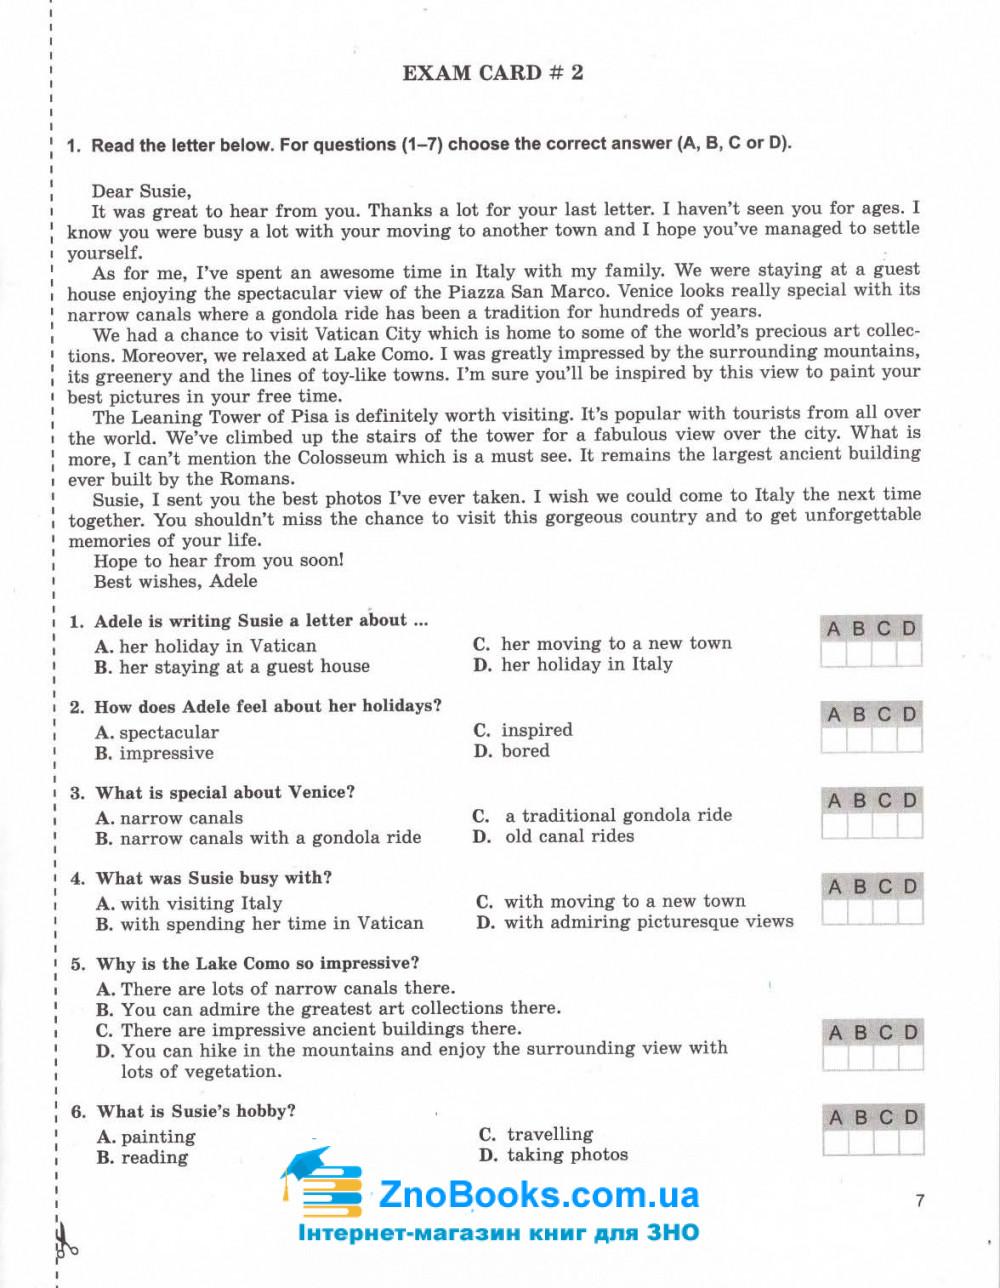 ДПА 9 клас 2021 англійська мова. Збірник завдань : Куриш С., Войтоловська С., Моспан Н. Генеза. Купити 7